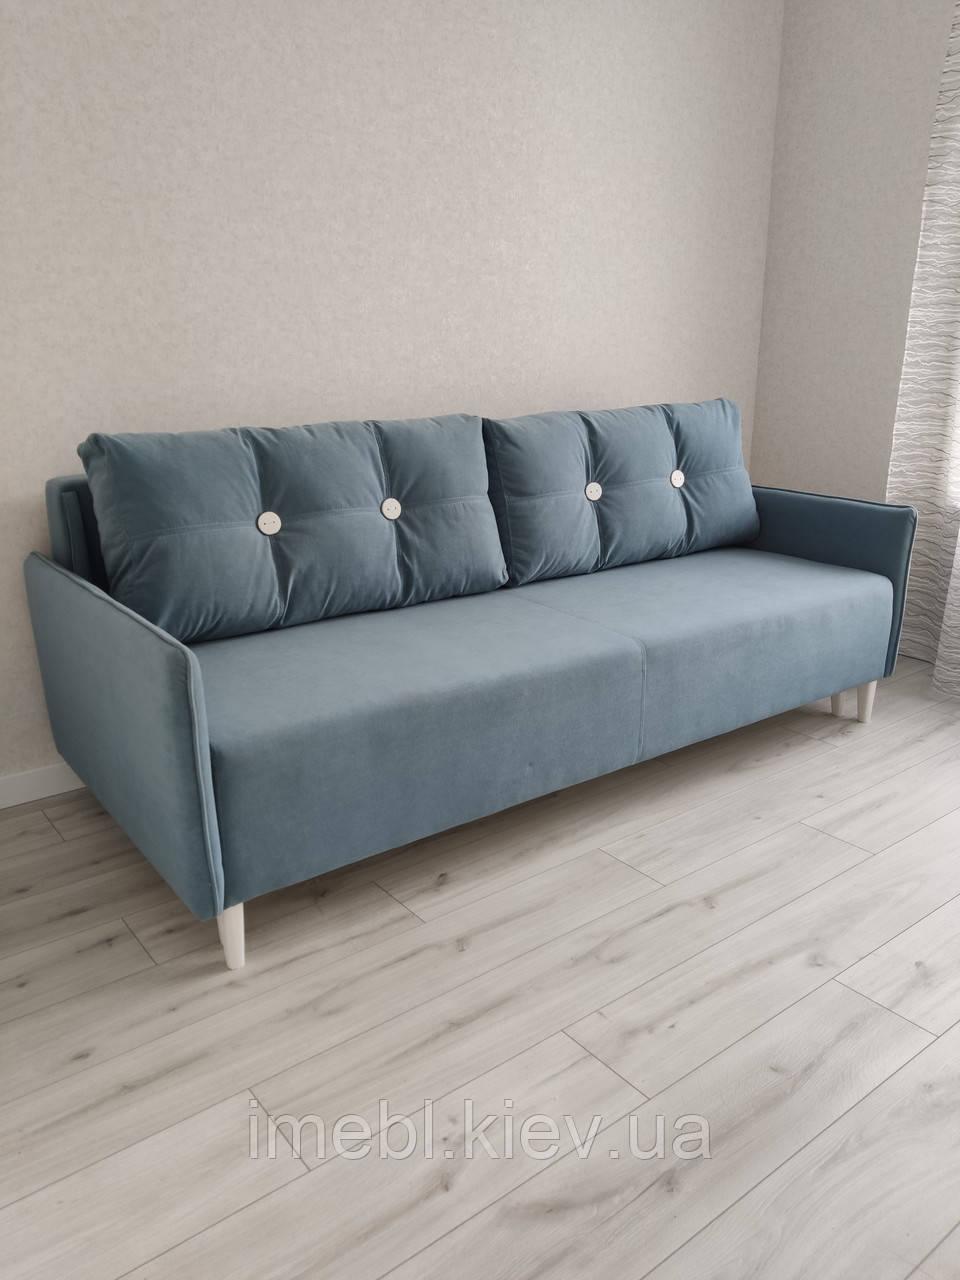 Кухонный диван со спальным местом (Голубой)